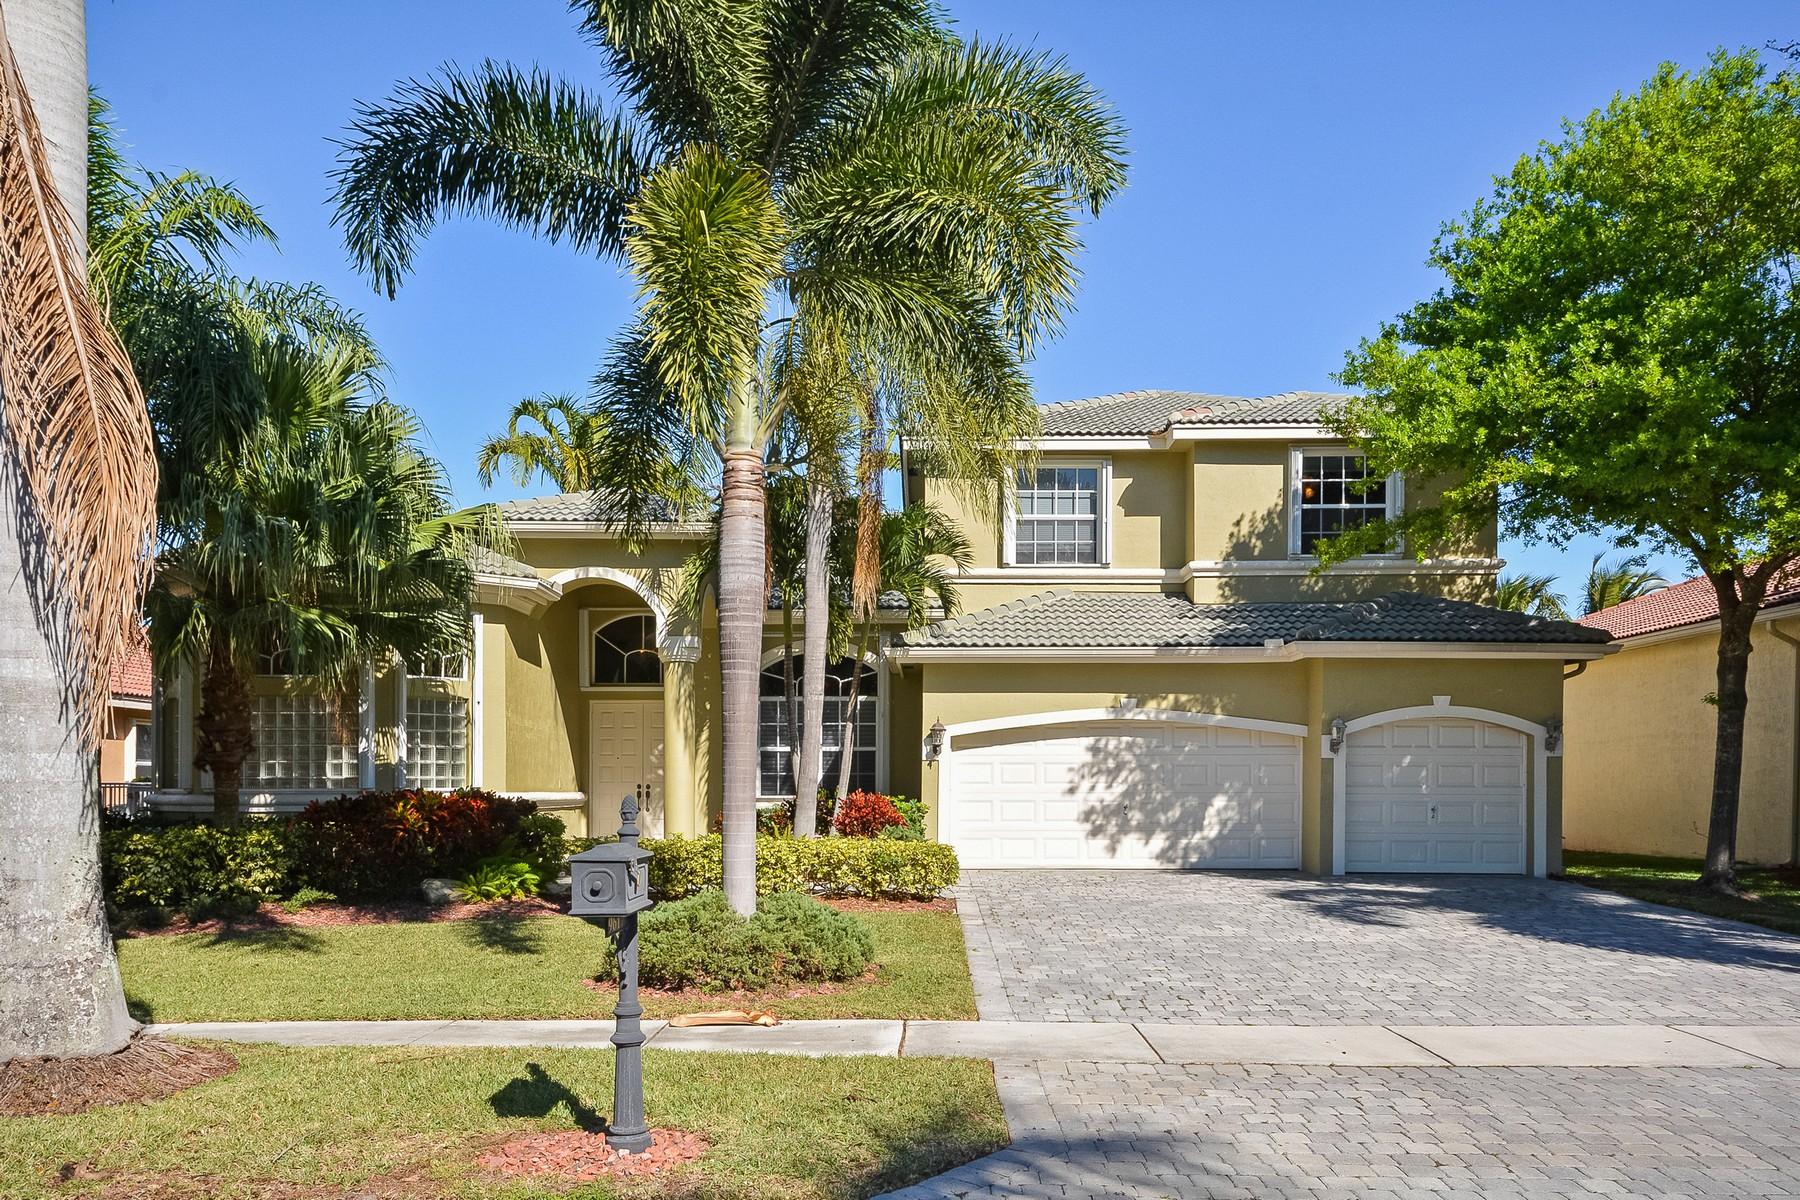 단독 가정 주택 용 매매 에 9617 Parkview Ave , Boca Raton, FL 33428 9617 Parkview Ave Boca Raton, 플로리다 33428 미국